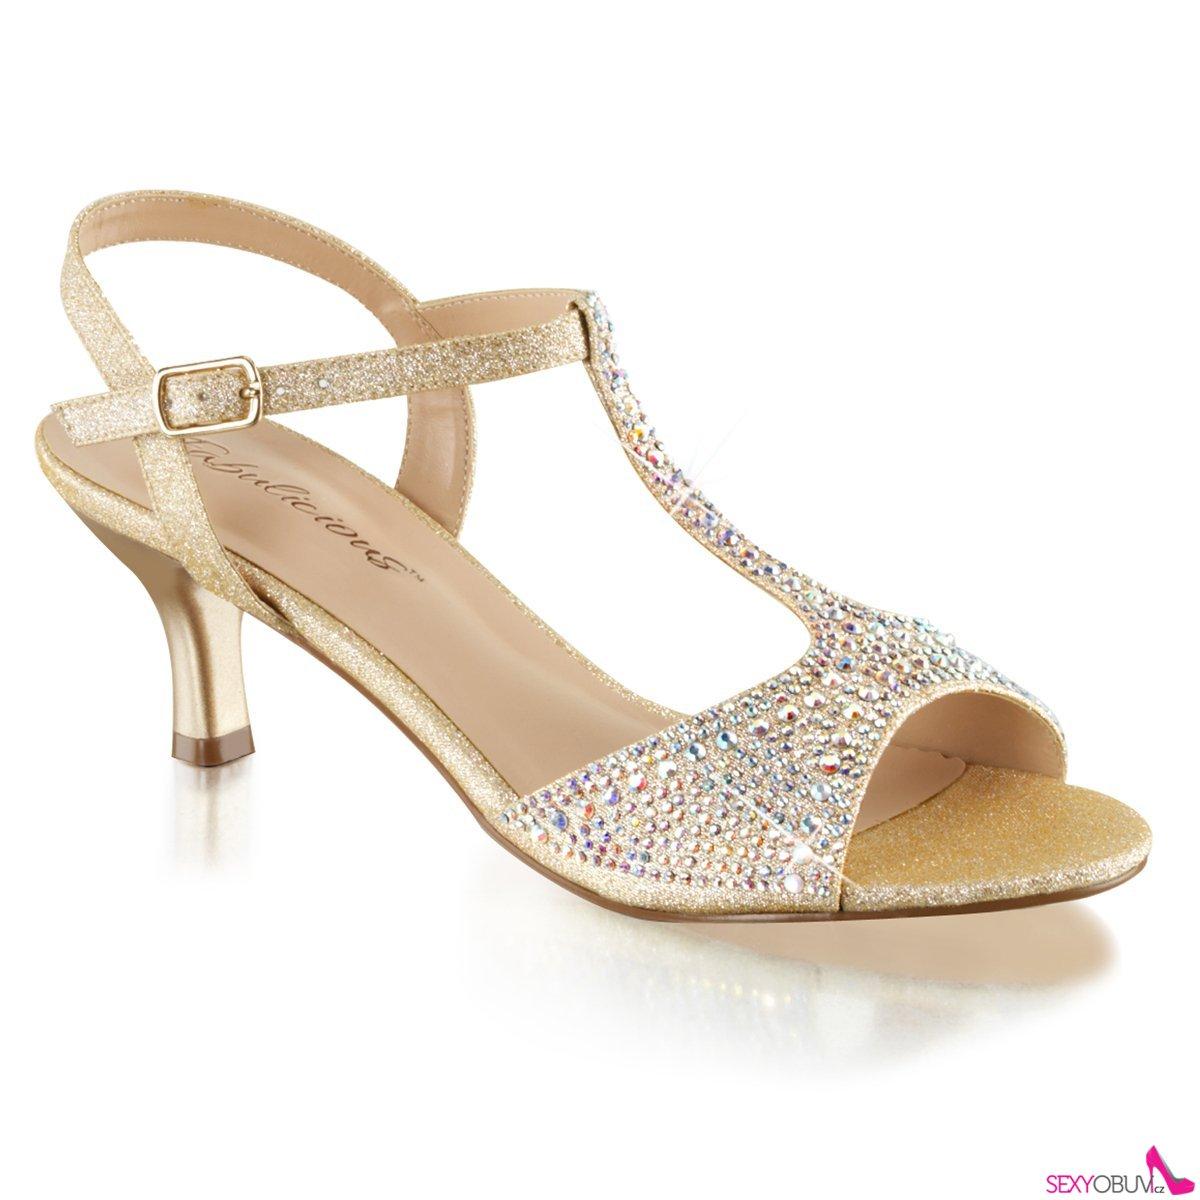 2a98b5351f AUDREY-05 Béžové společenské sandály na nízkém podpatku